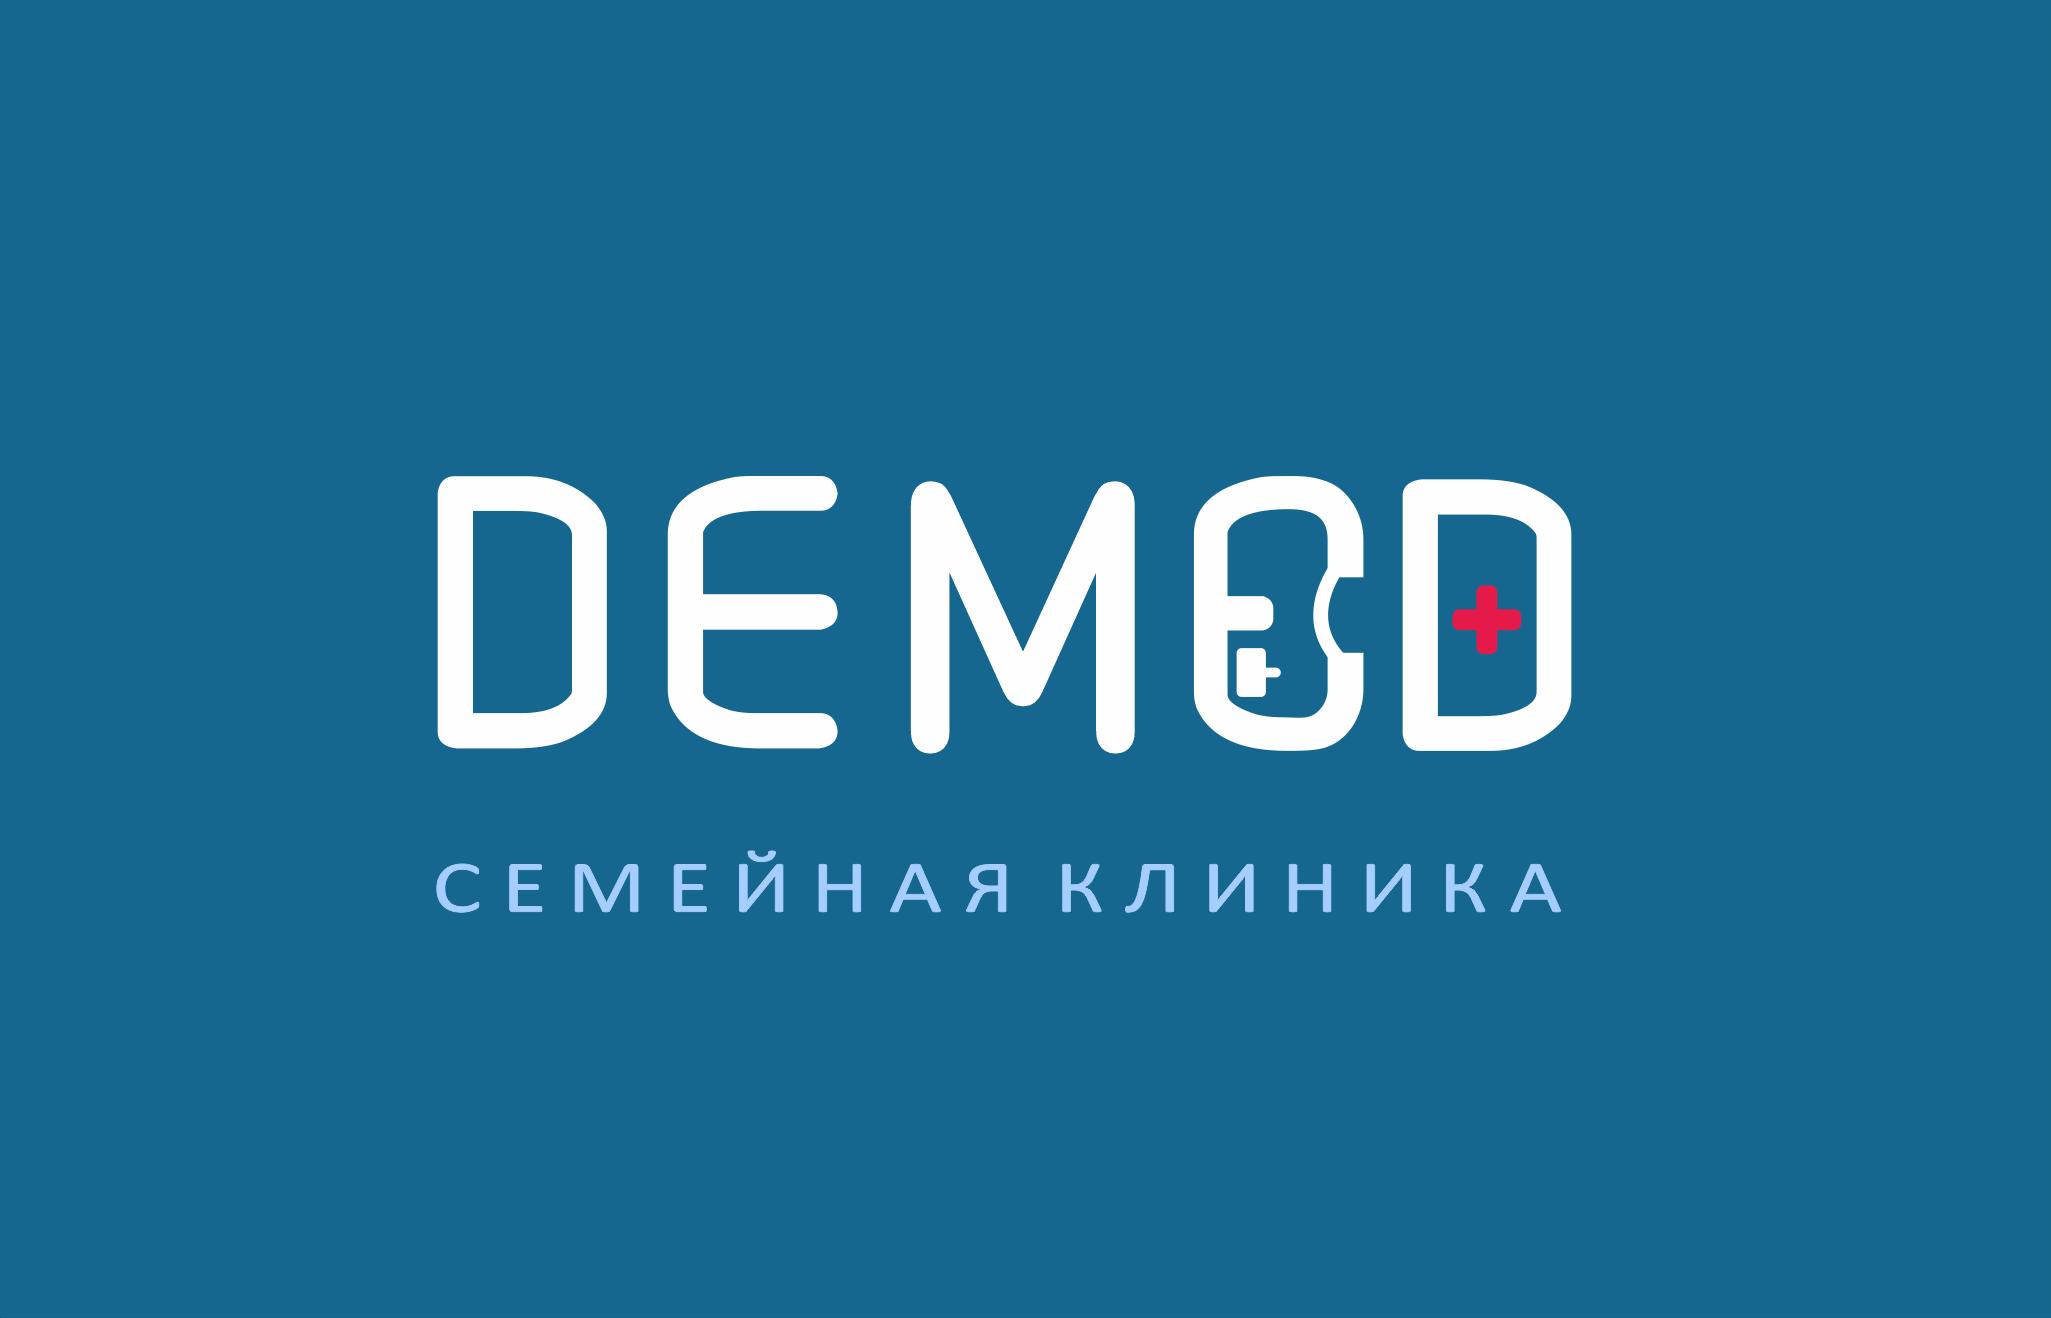 Логотип медицинского центра фото f_1885dc84d2258b0e.png